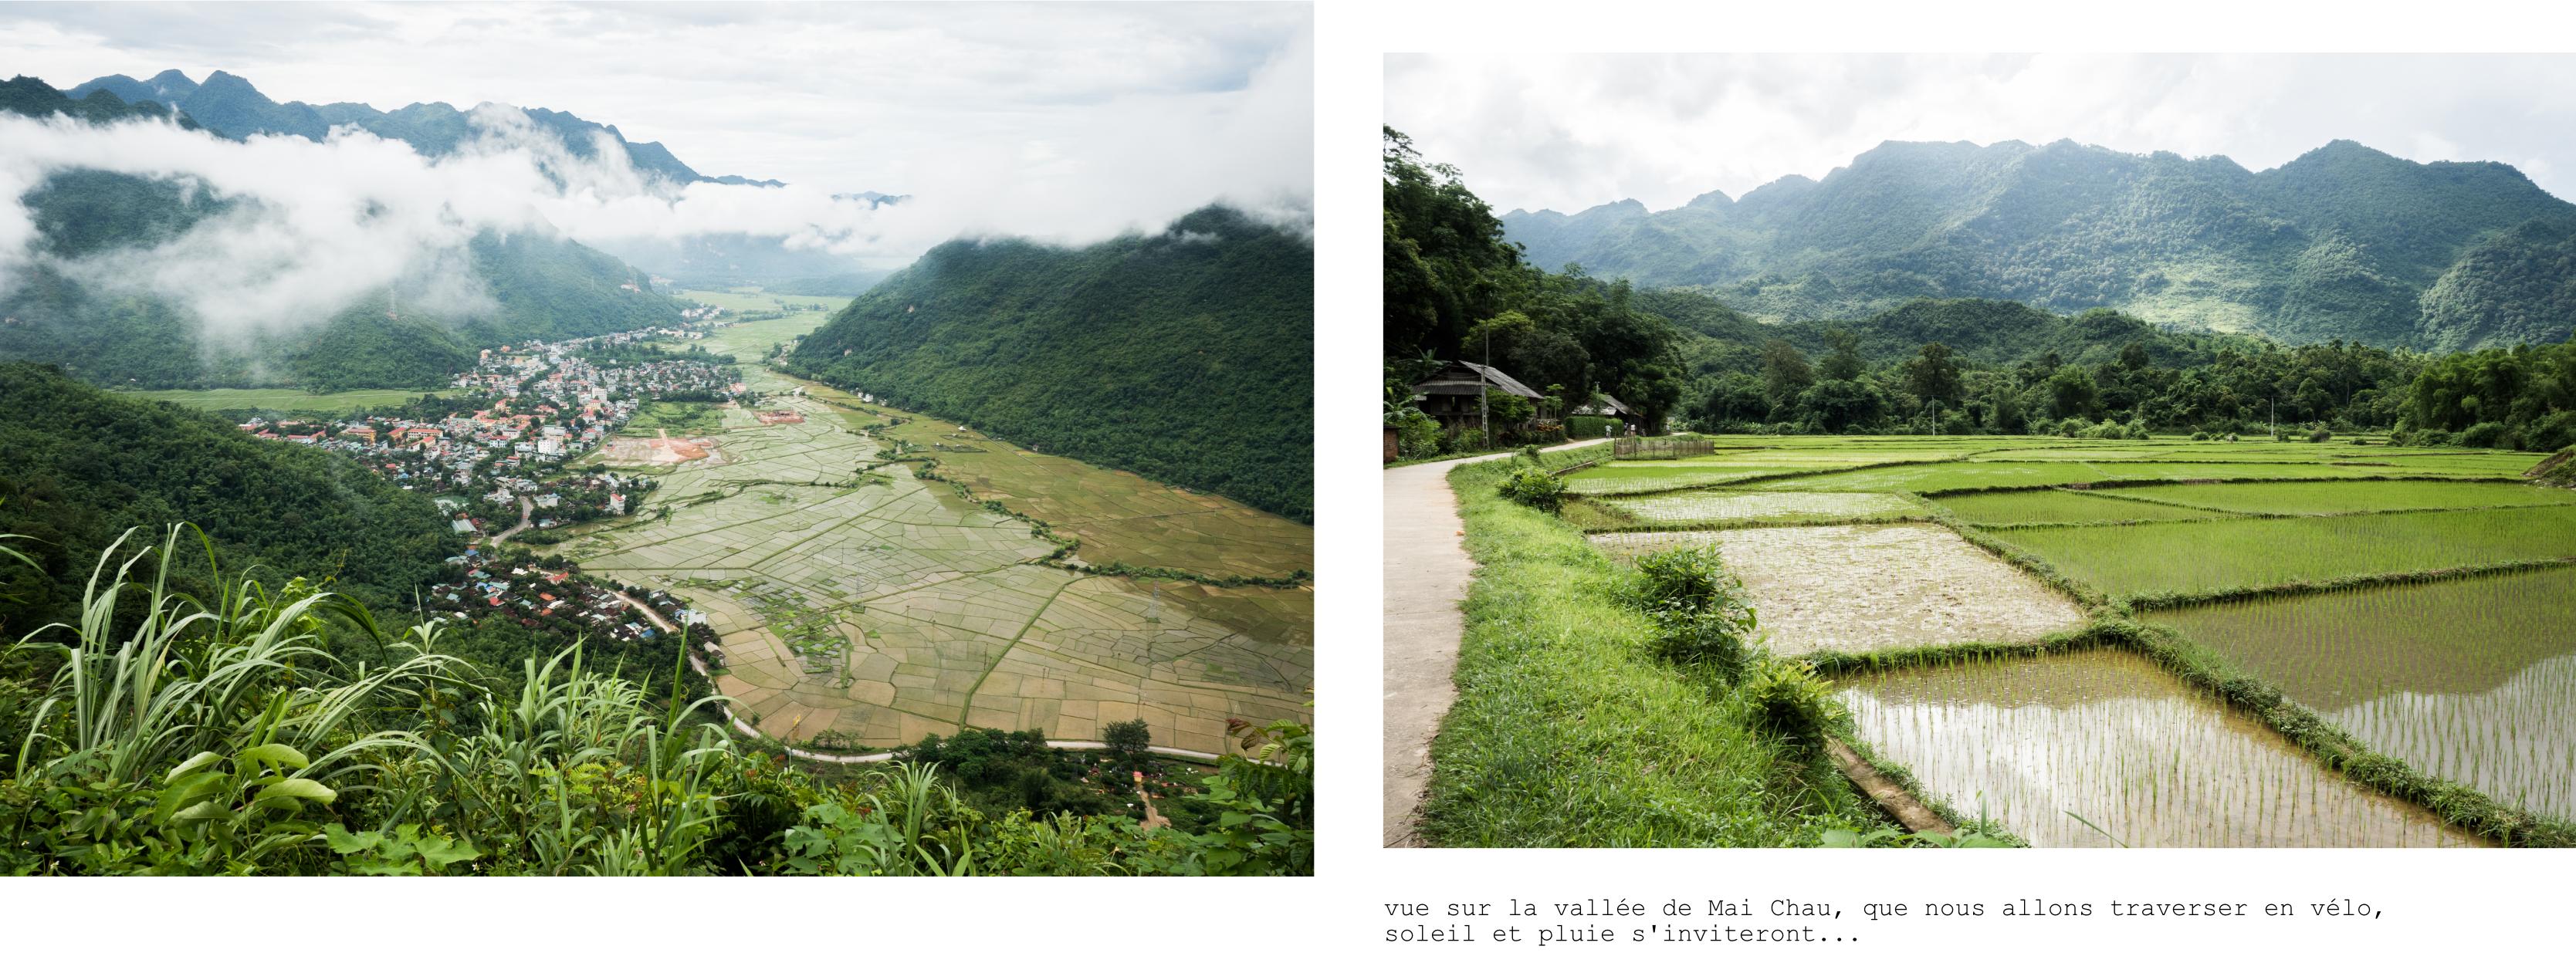 vietnam - ethnies minoritaire - rizières - vallée de mai chau